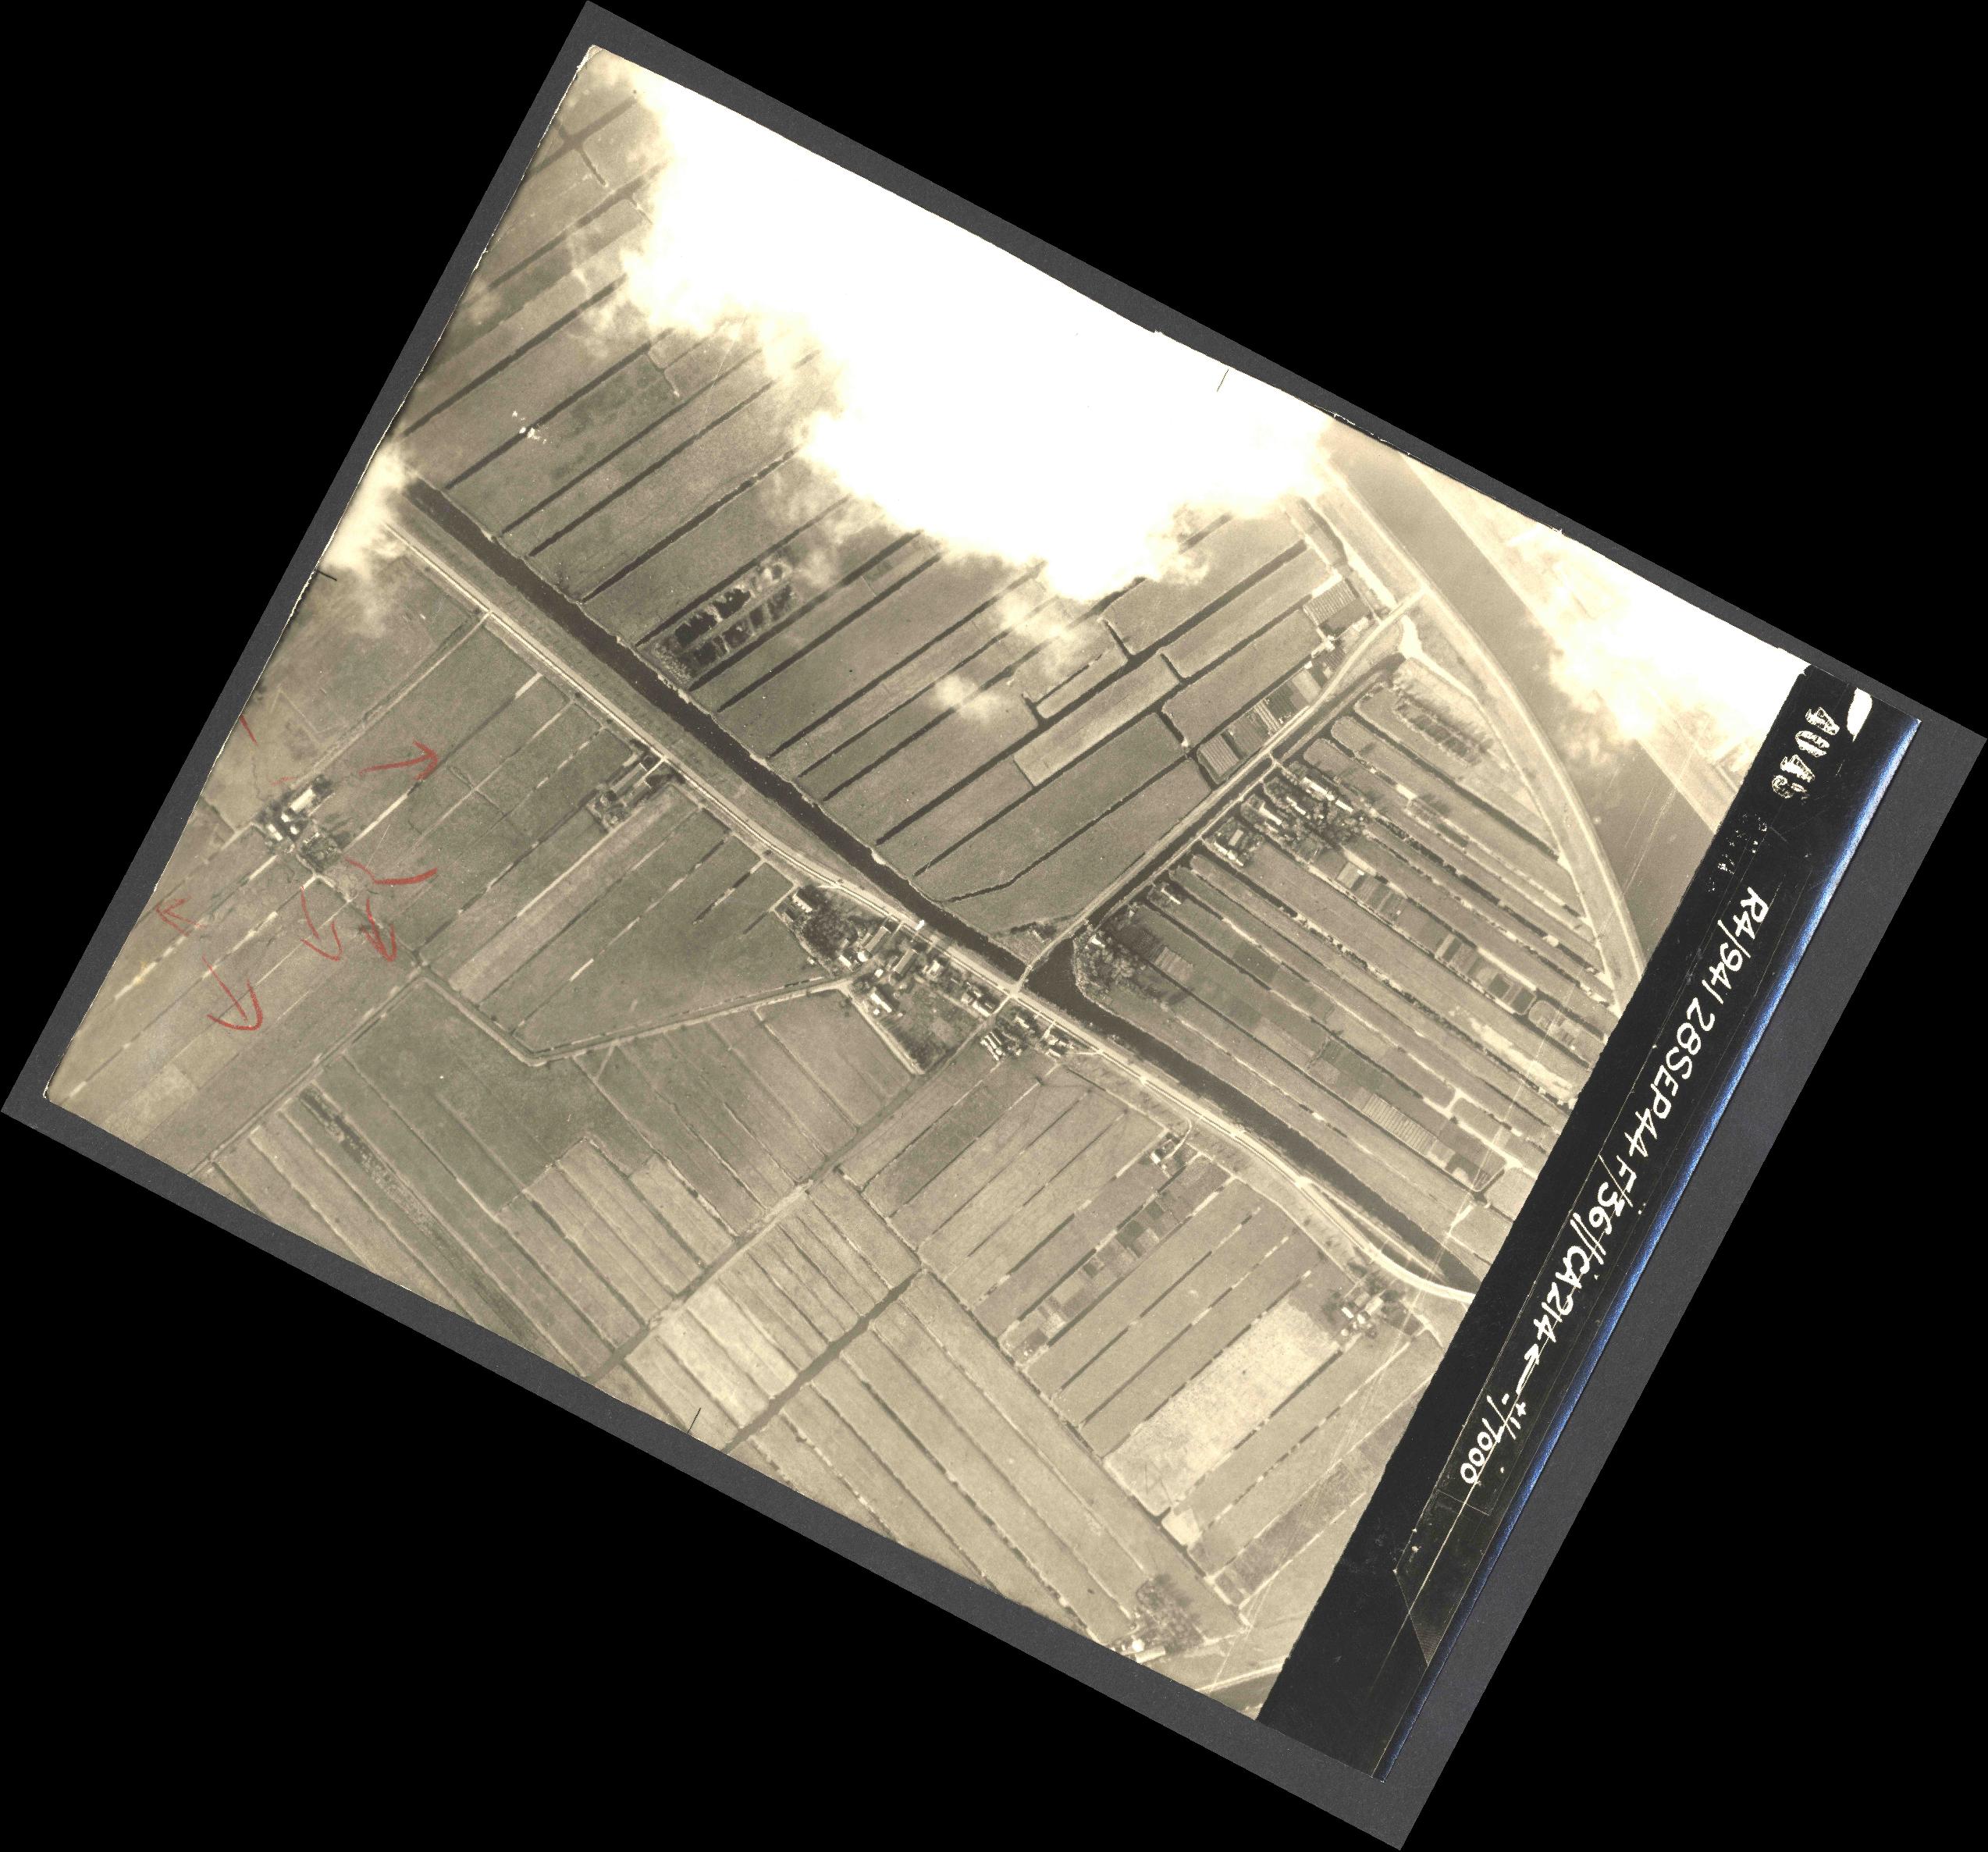 Collection RAF aerial photos 1940-1945 - flight 067, run 10, photo 4045